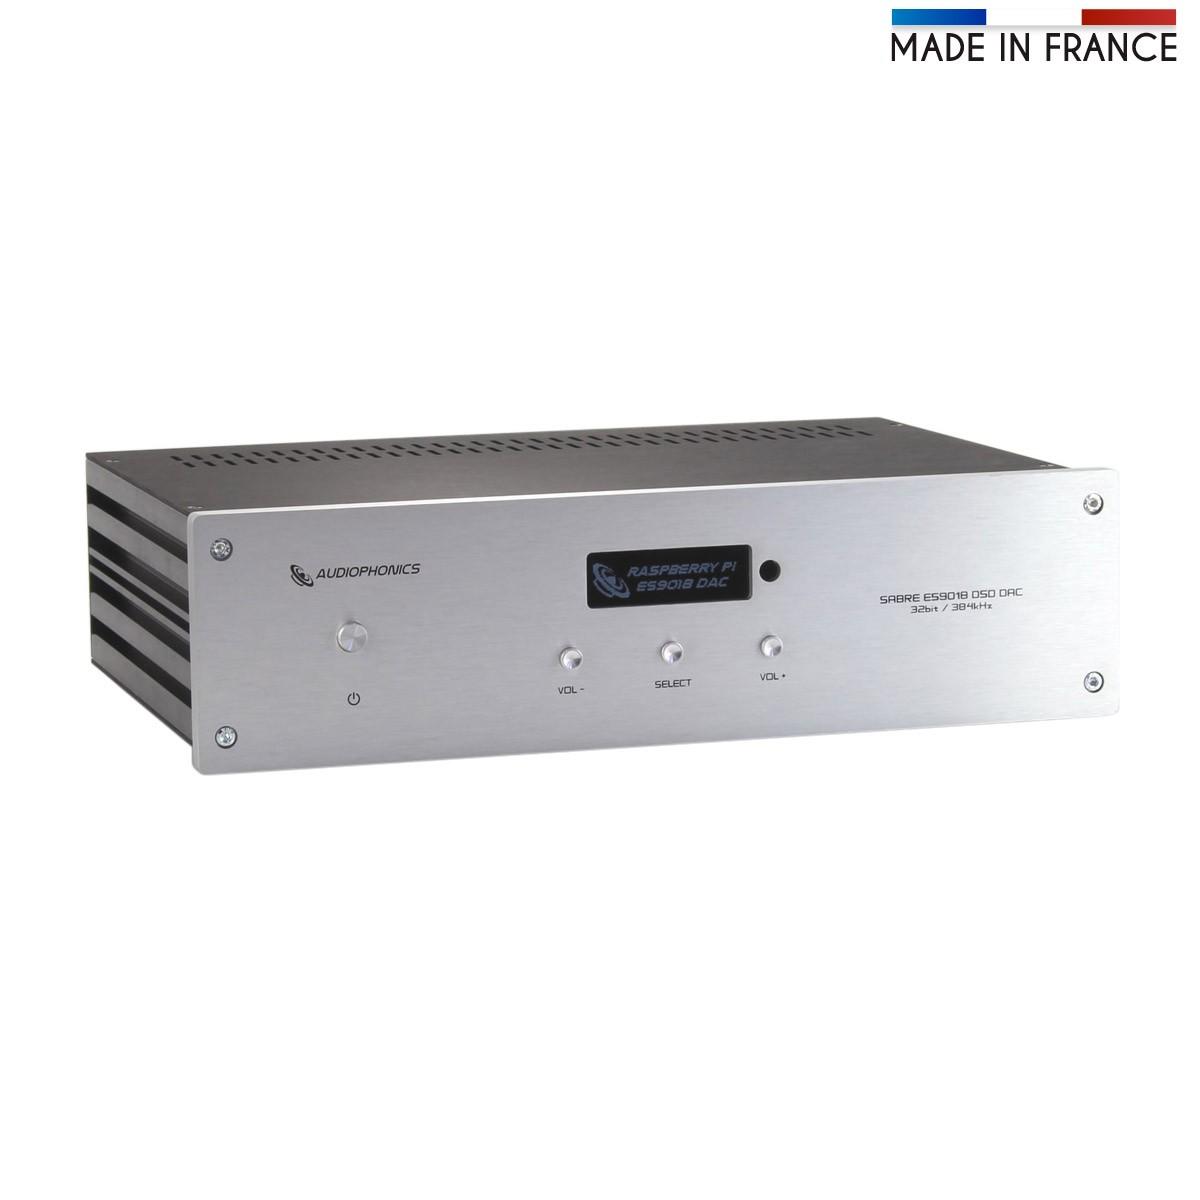 AUDIOPHONICS DAP / DAC Sabre ES9018 MK2 100Mhz Odroid C-2